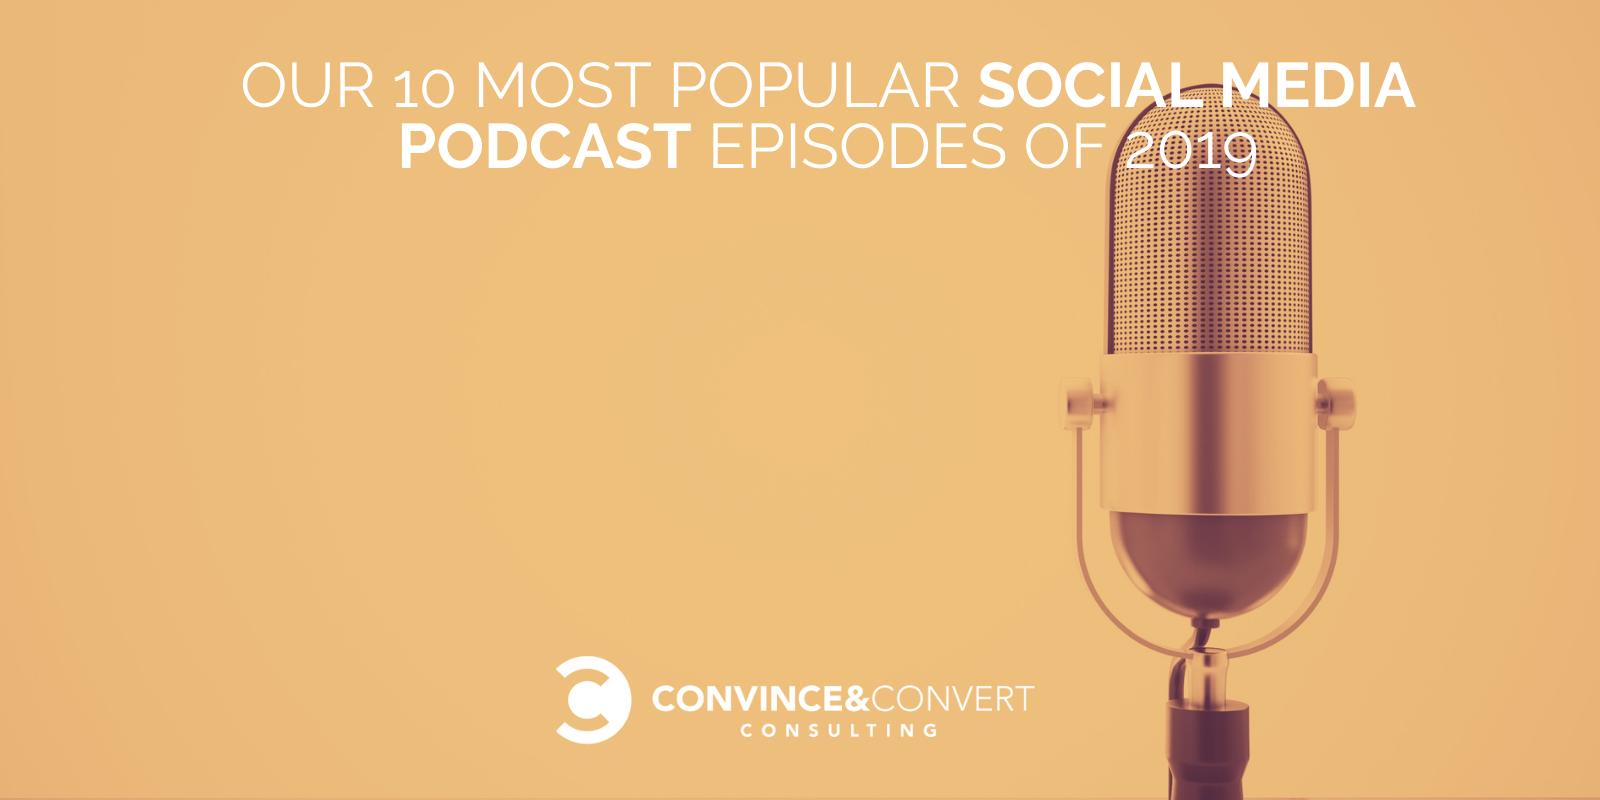 I nostri 10 episodi di podcast sui social media più popolari del 2019